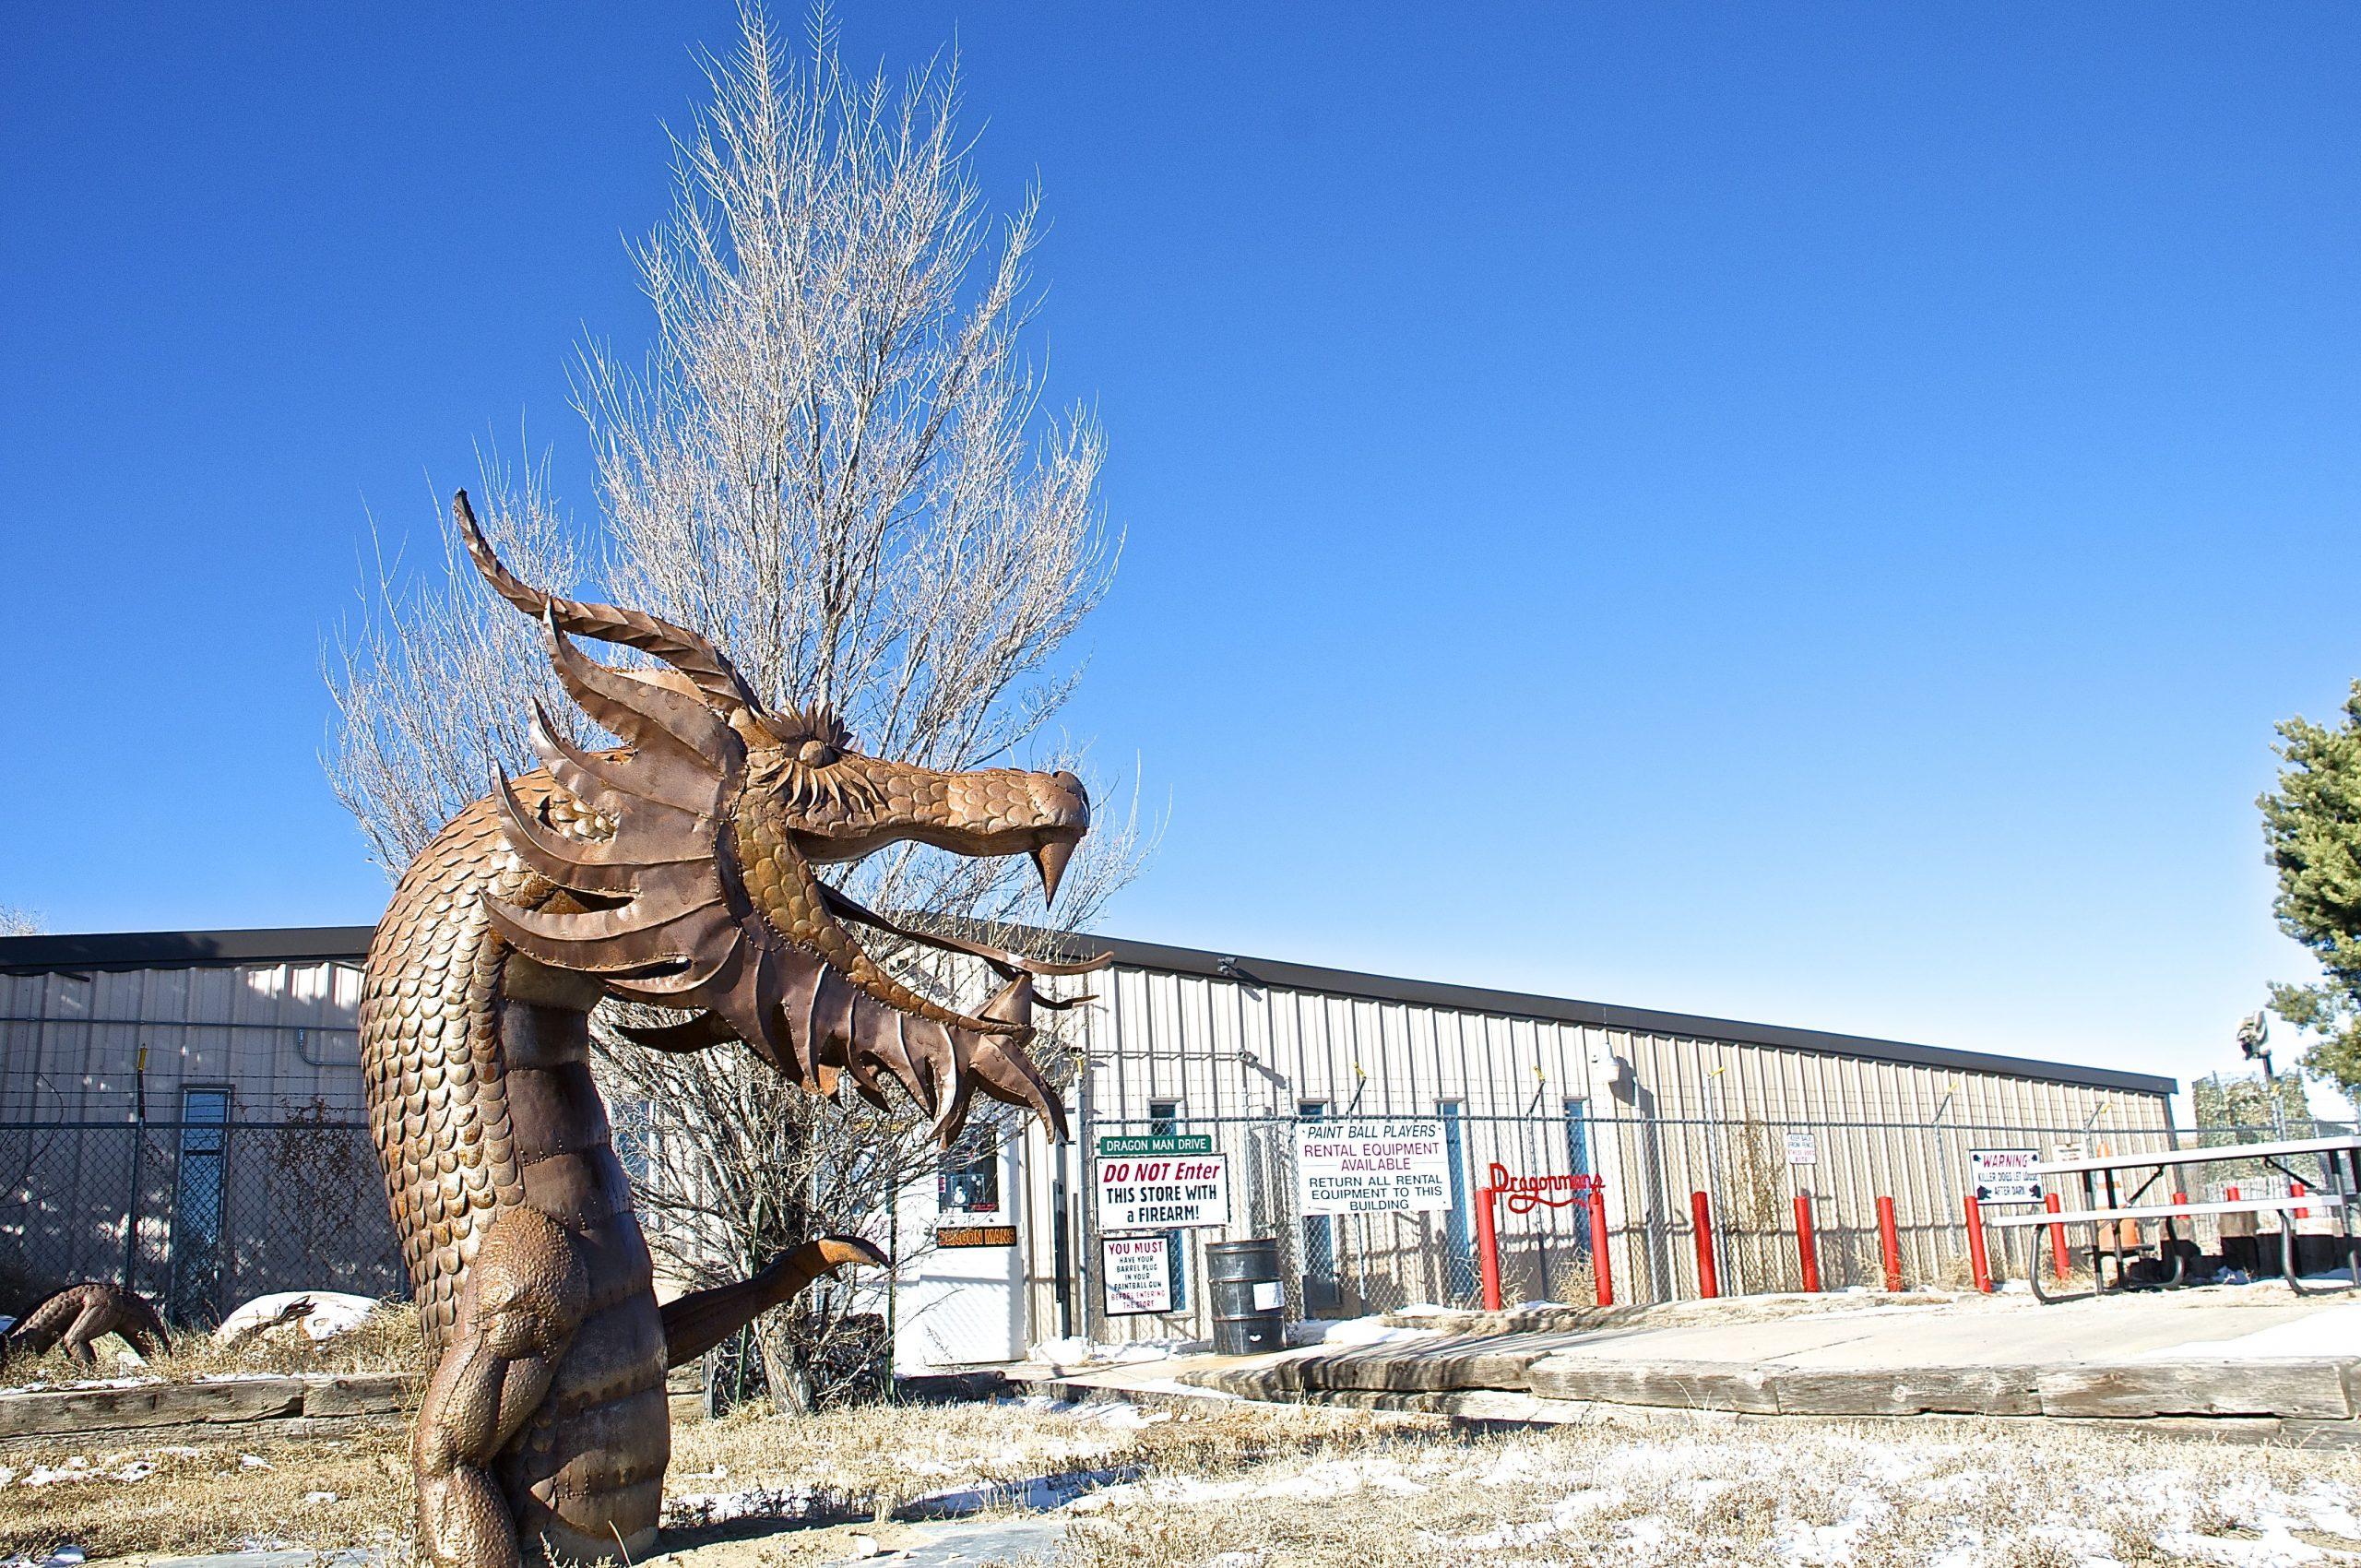 Outside Dragon Arms, Dragonman's Gun Shop